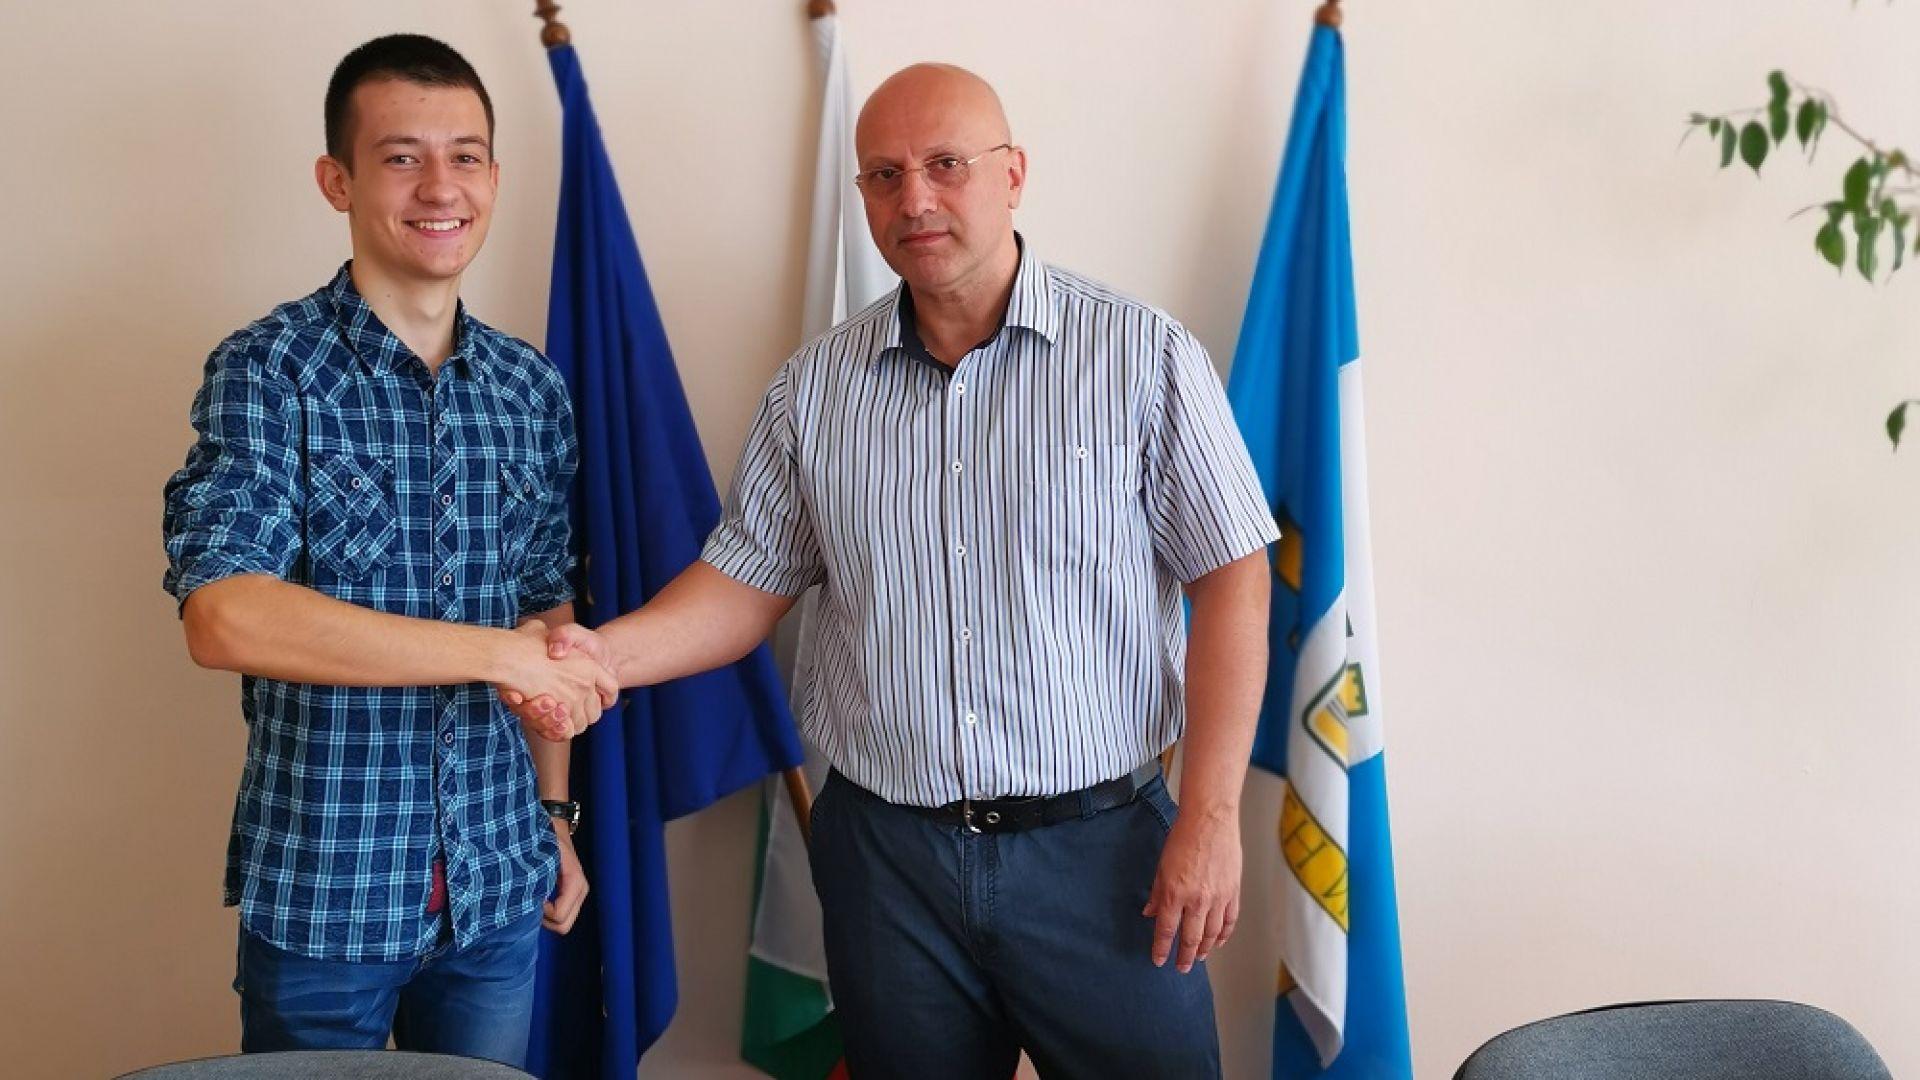 Пловдив вече има първи младежки омбудсман